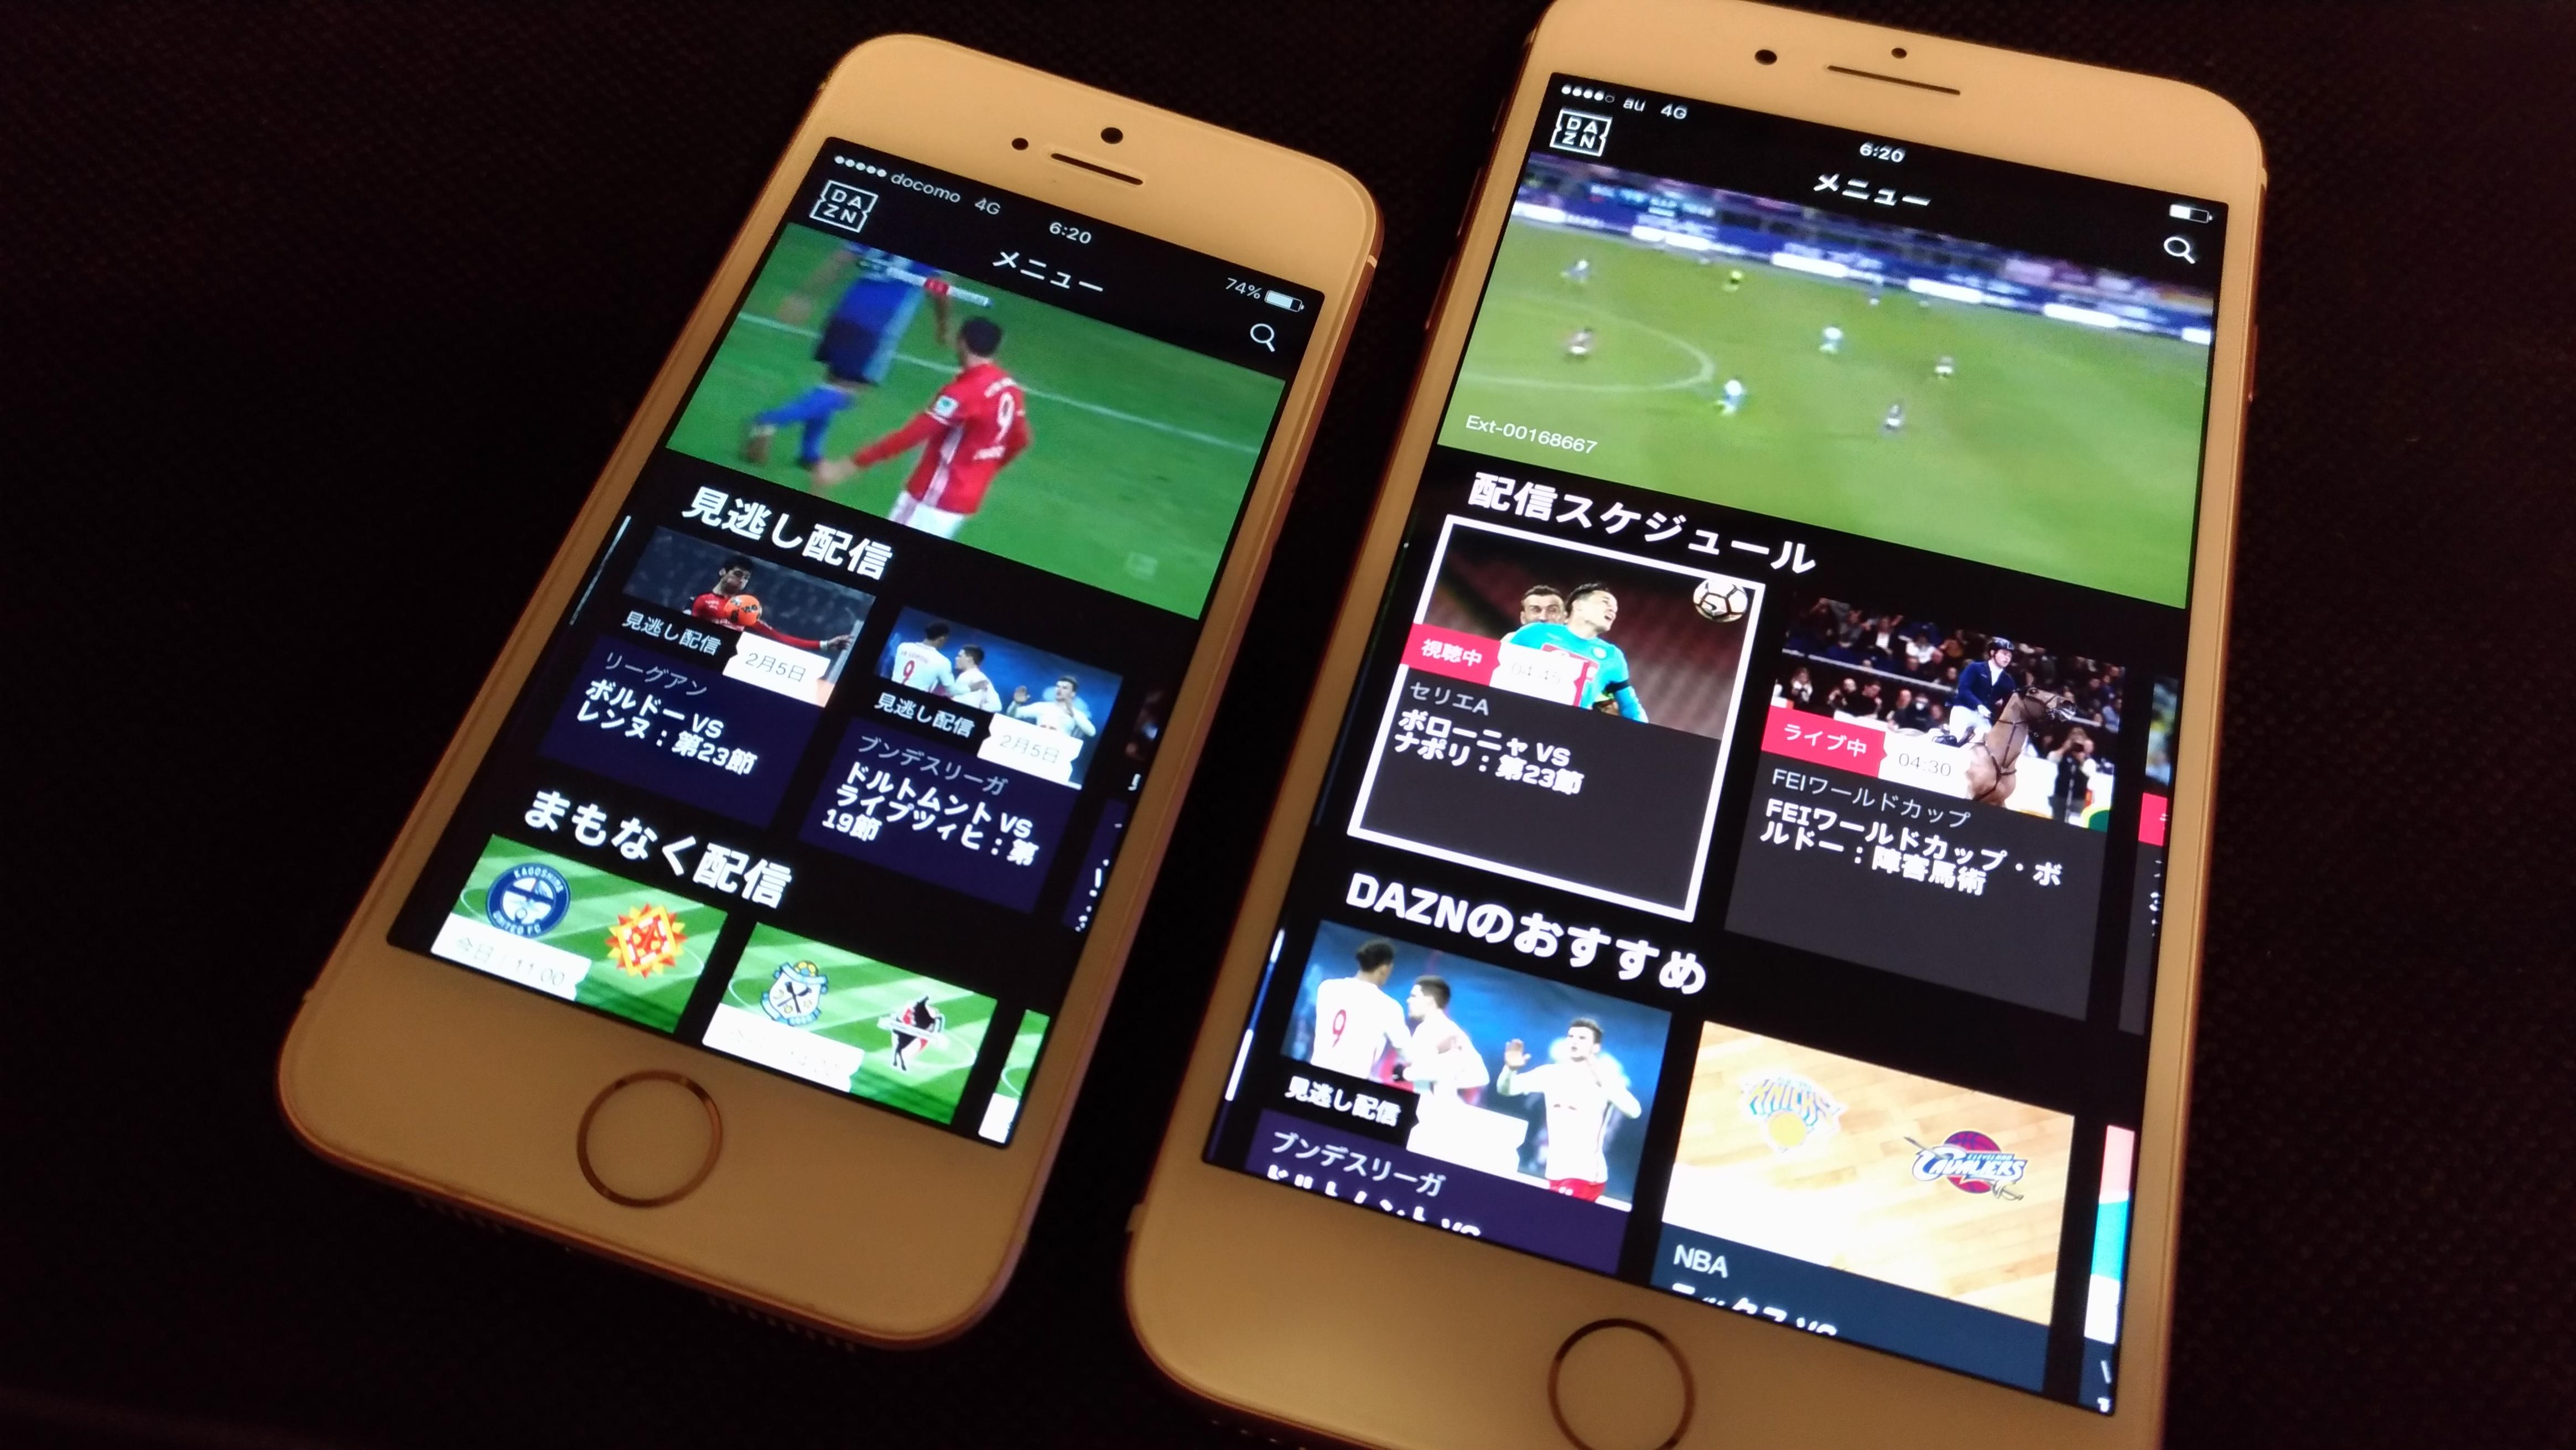 mineo 低速で動画視聴